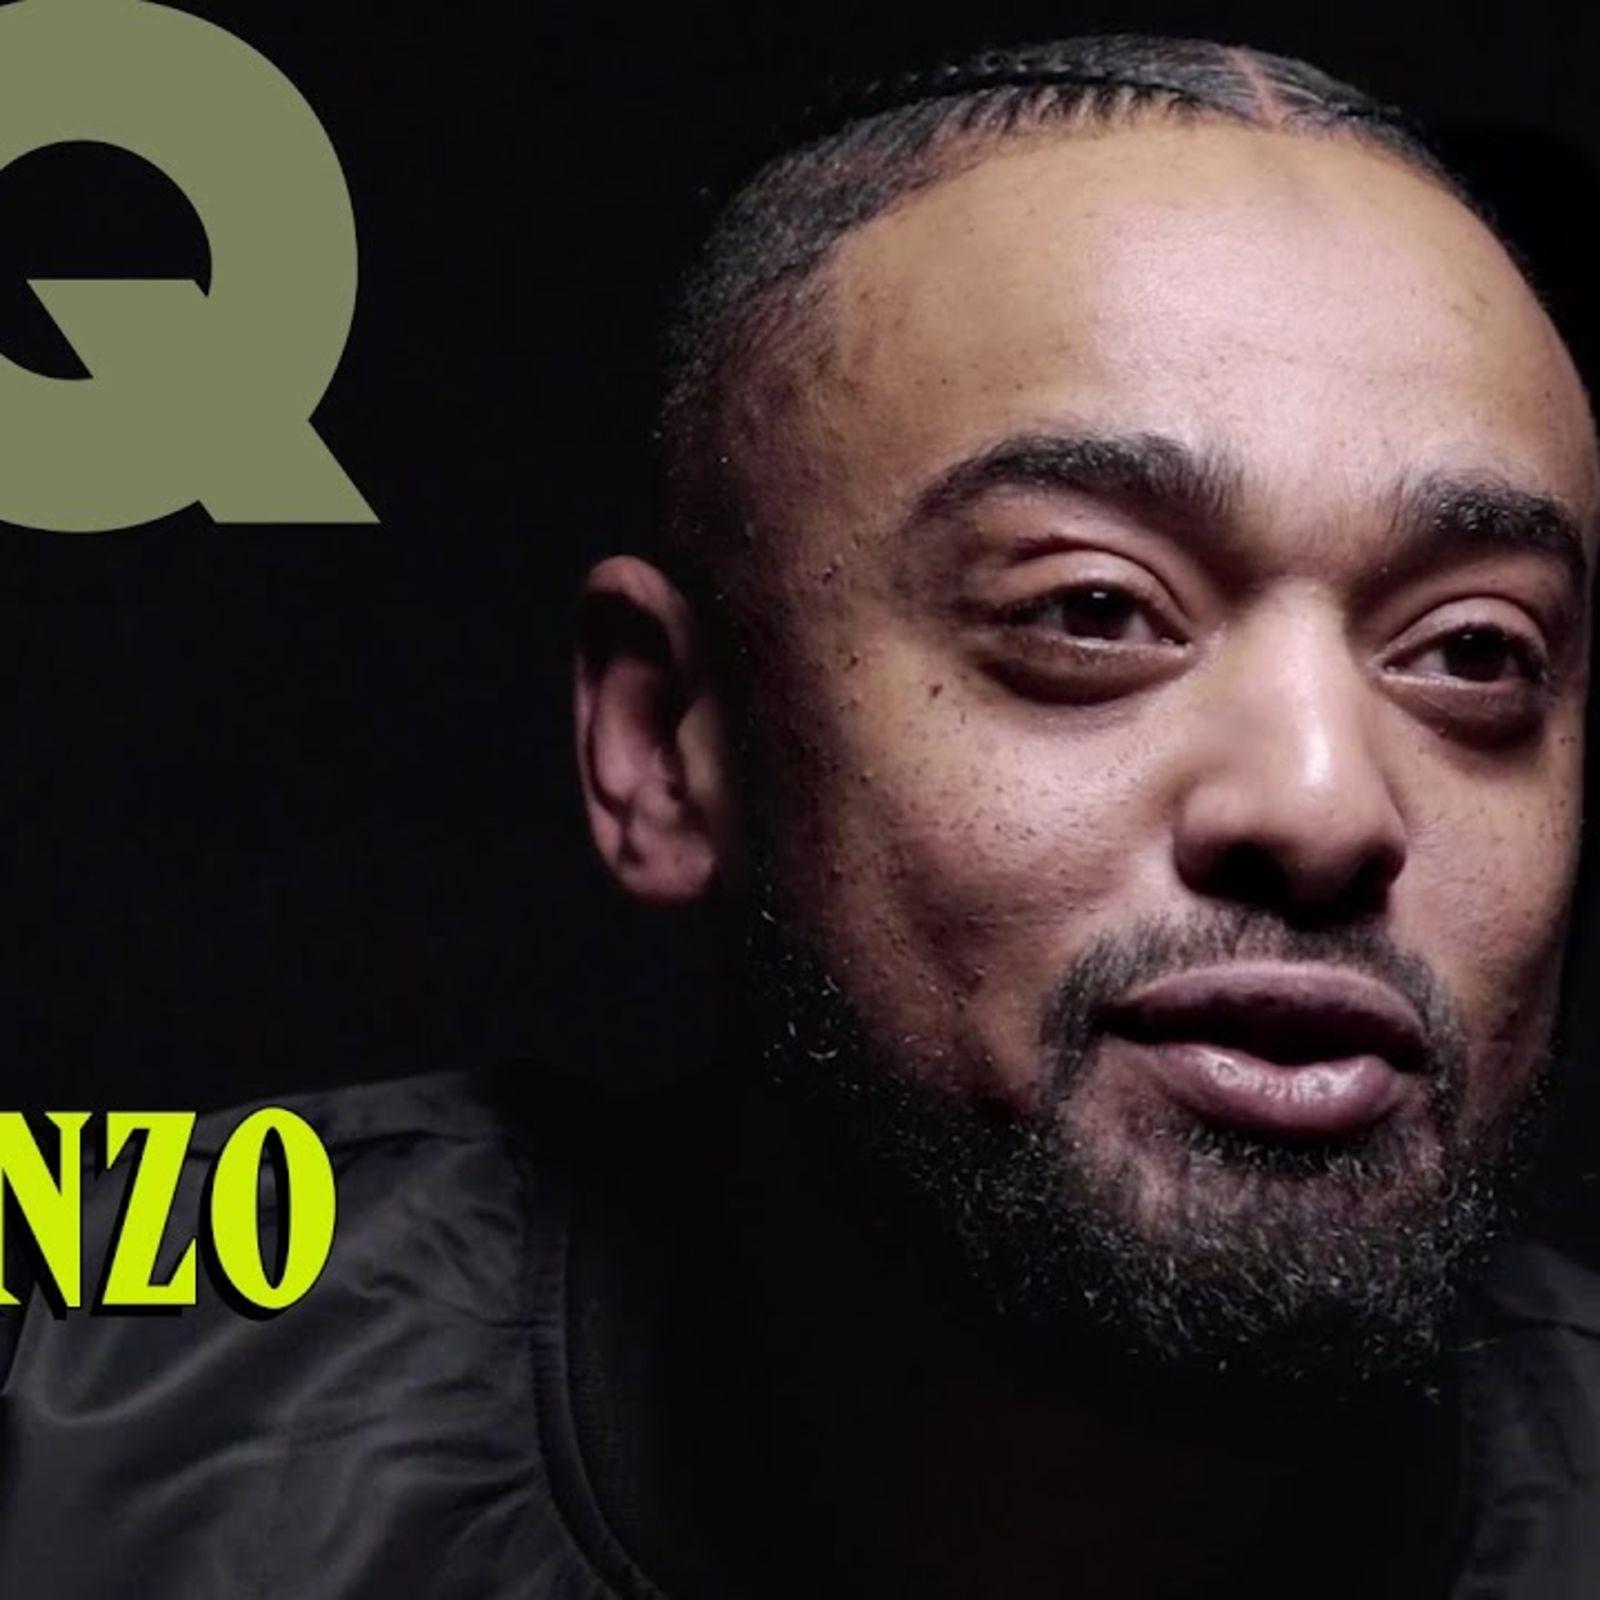 Les punchlines d'Alonzo : Y'a rien à faire, Tout est gris, Là-bas